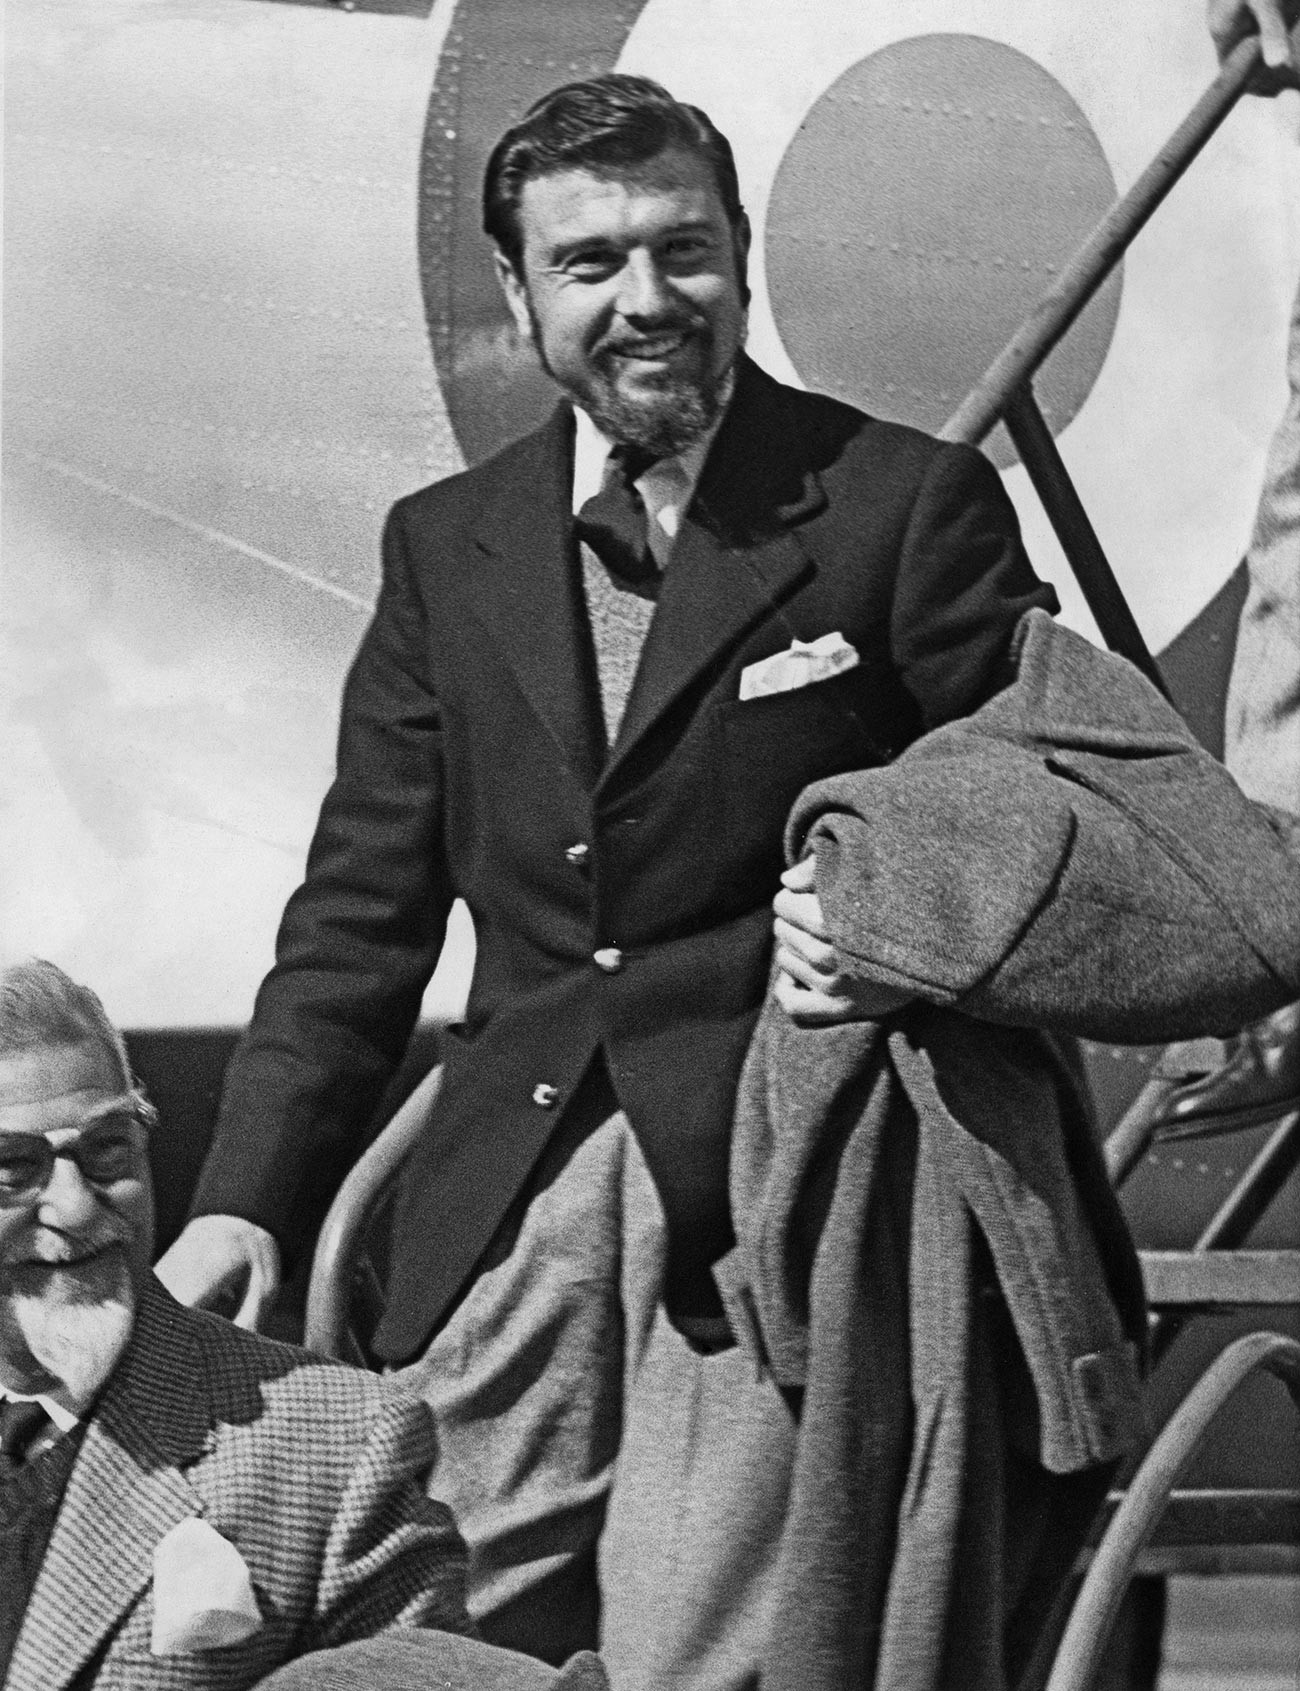 Blake chega a Oxfordshire após ser libertado em 22 de abril de 1953.